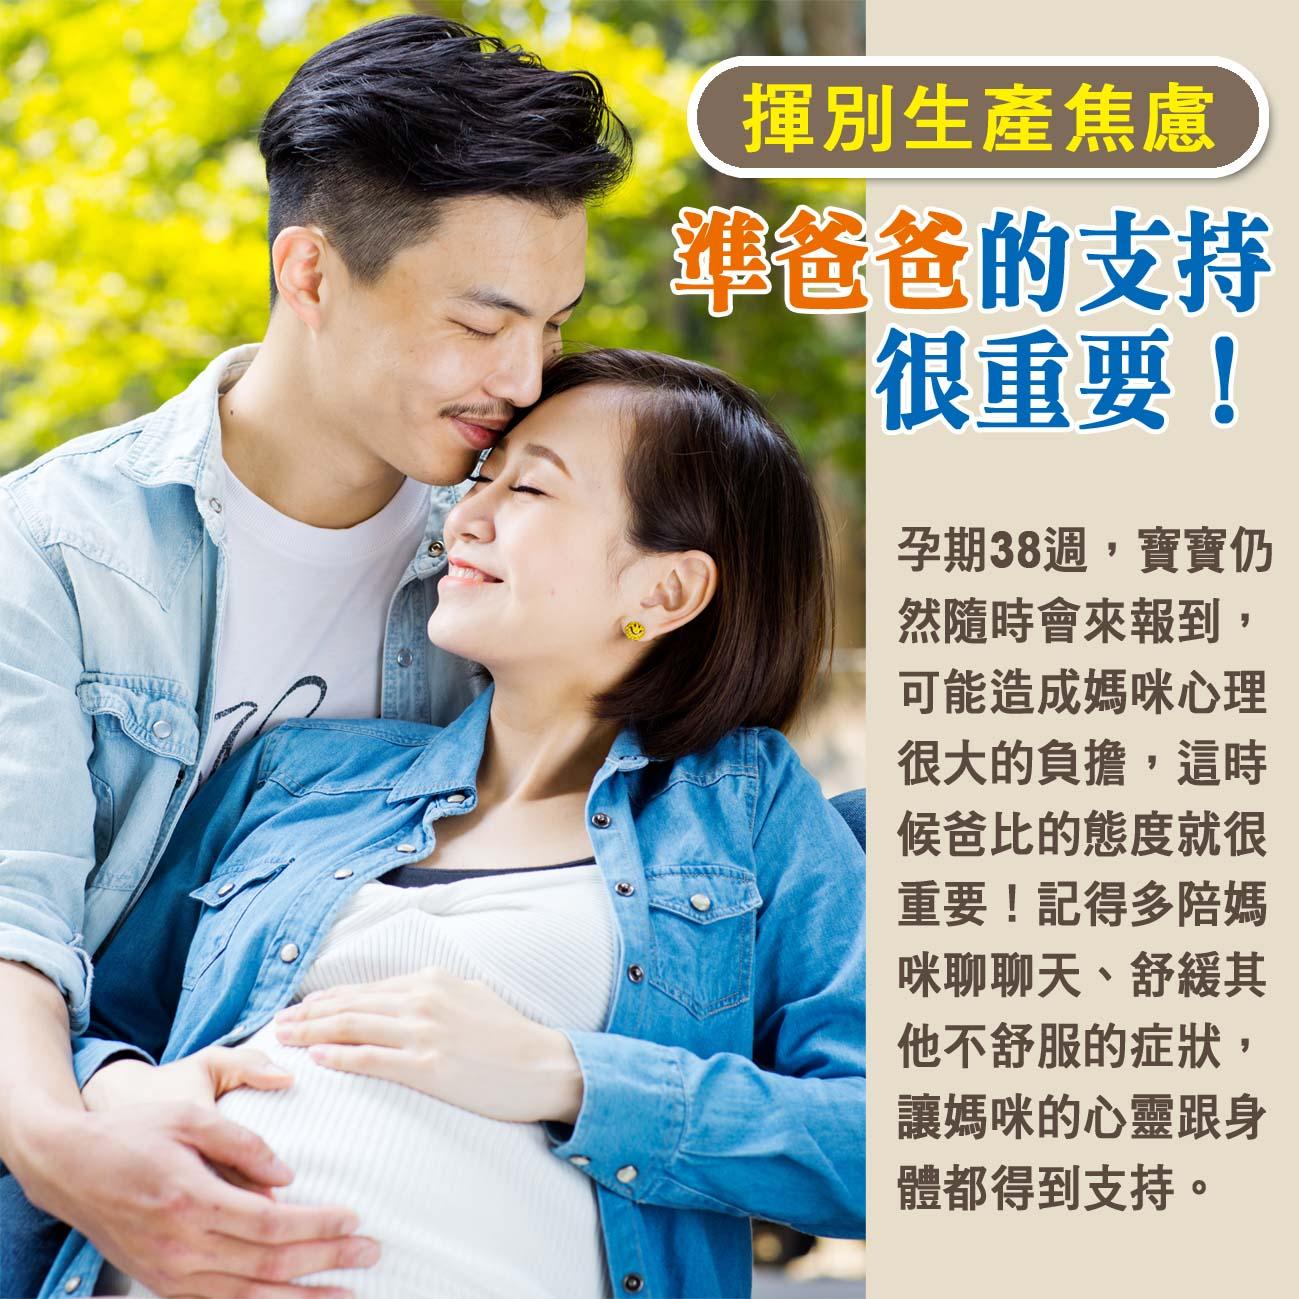 懷孕第38週-揮別生產焦慮 準爸爸的支持很重要!